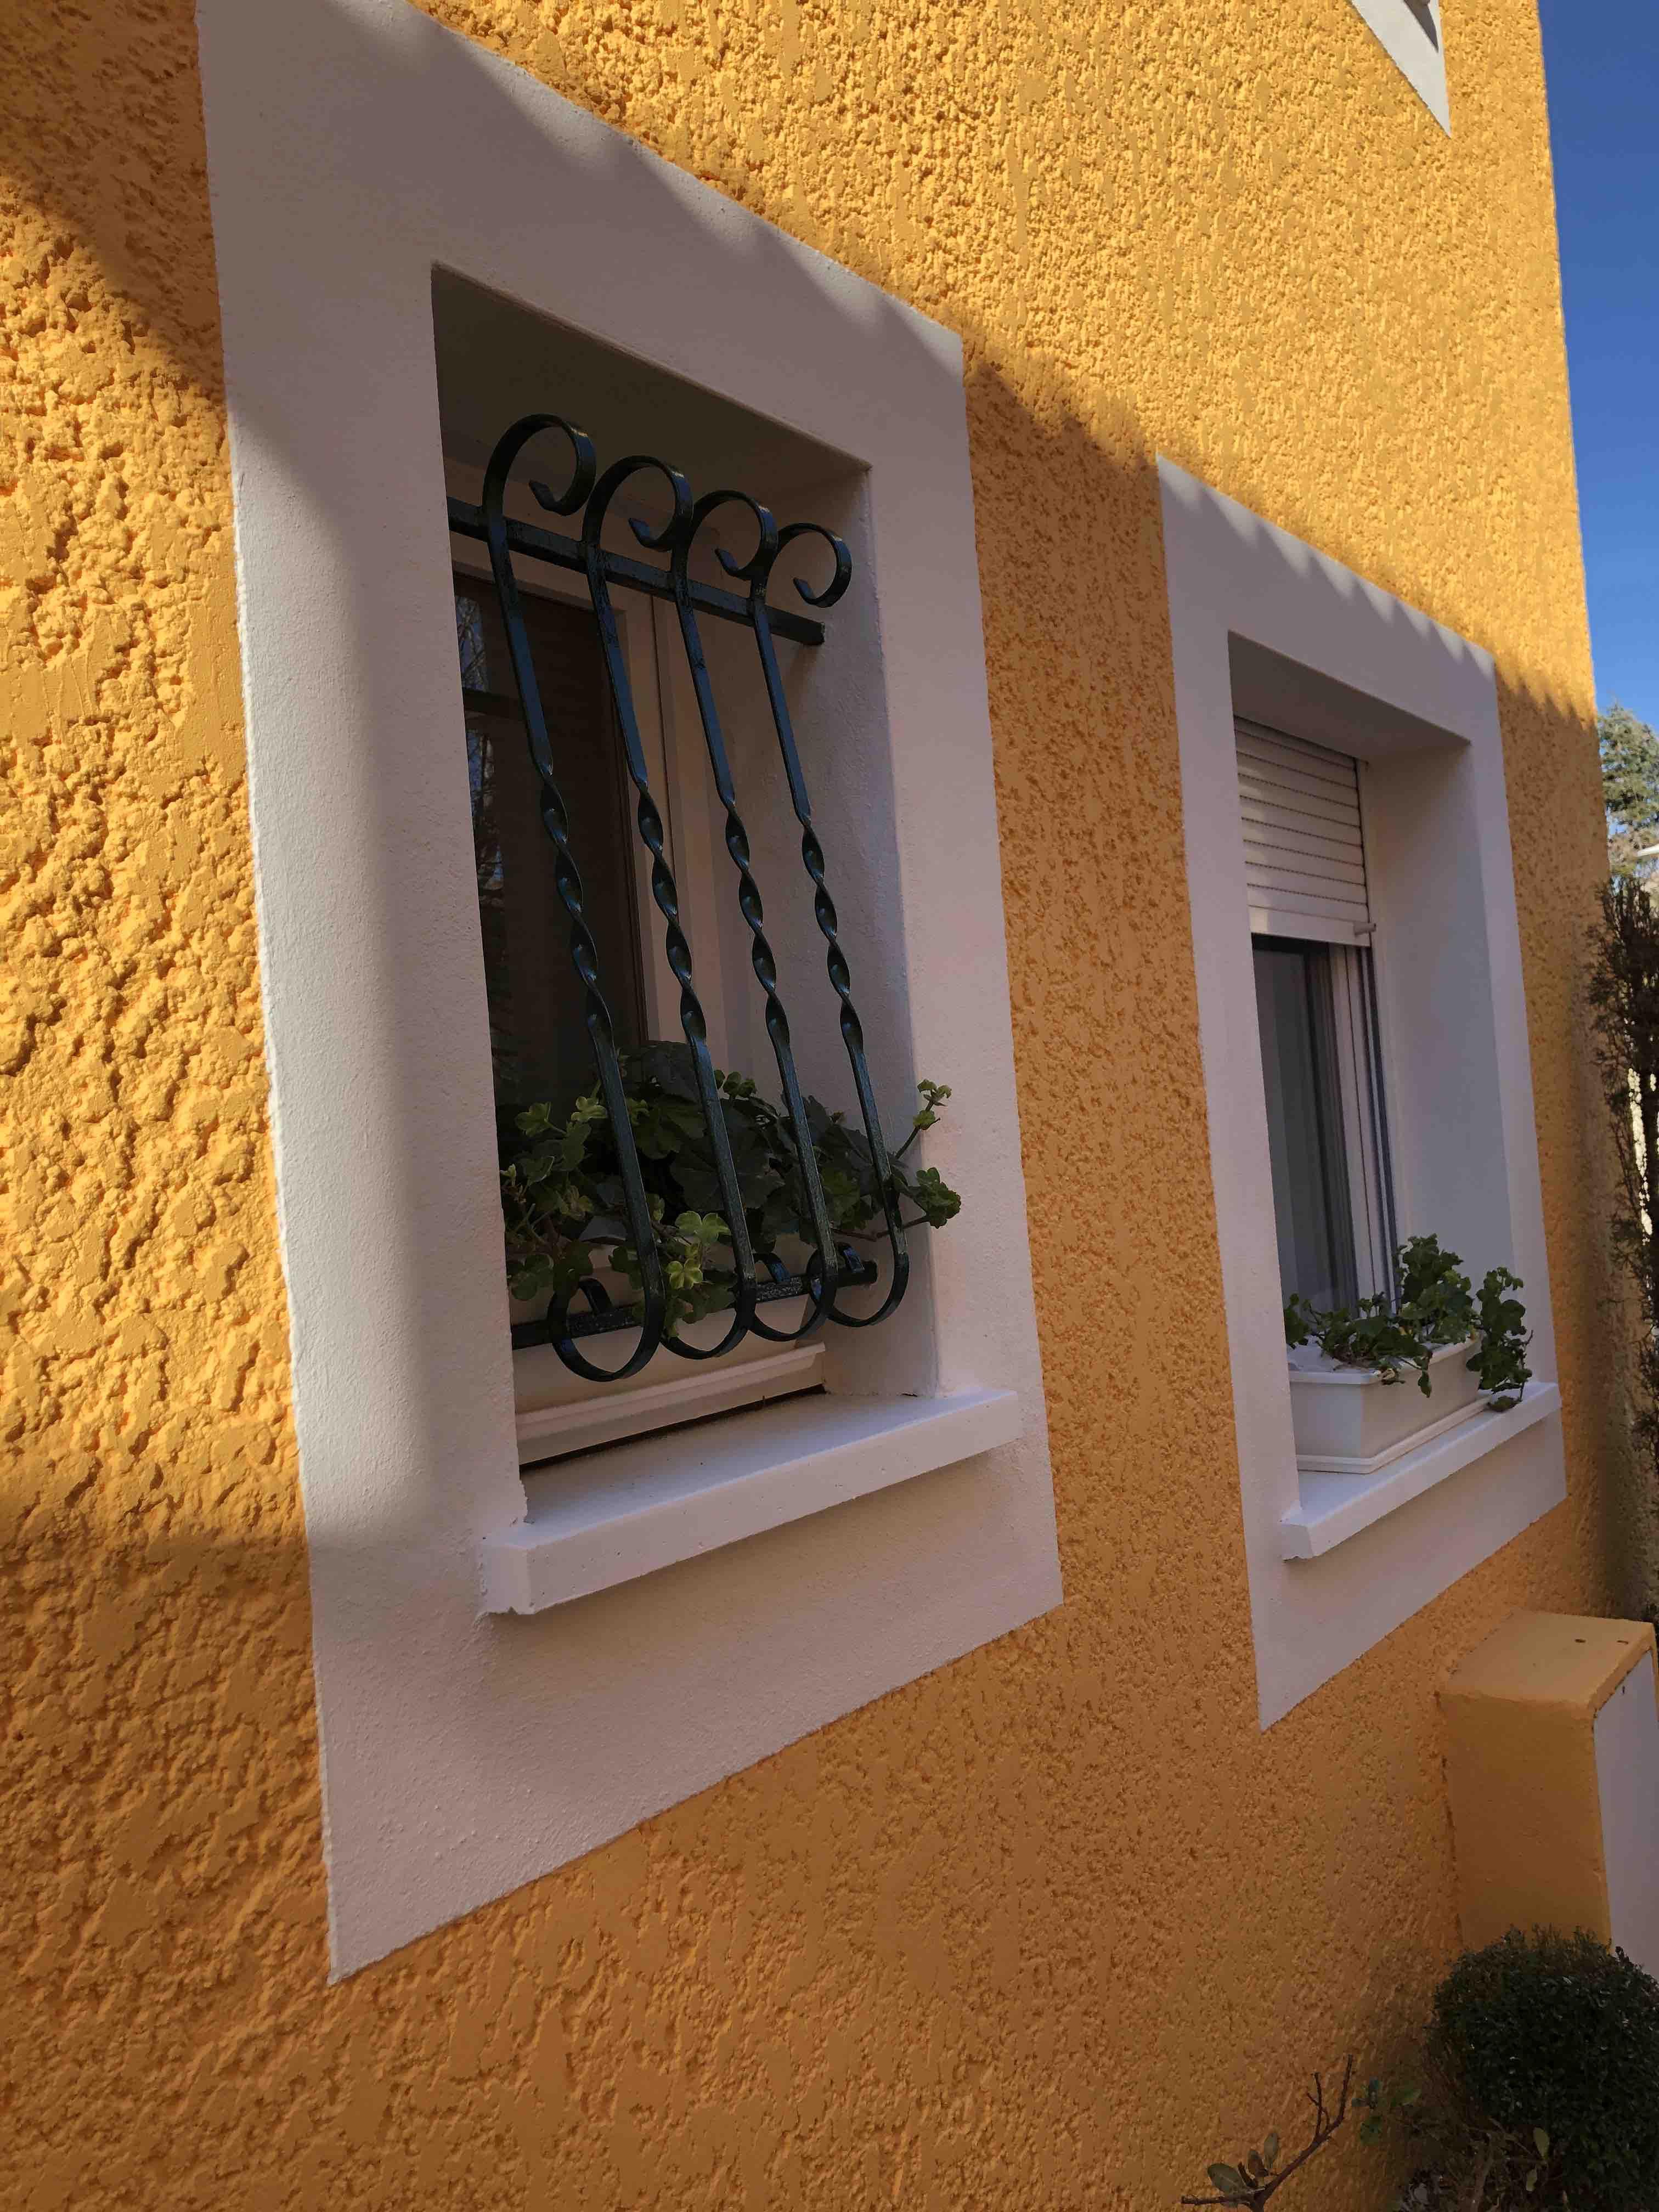 Rénovation de façade à Caissargues près de Nîmes - crépi jaune